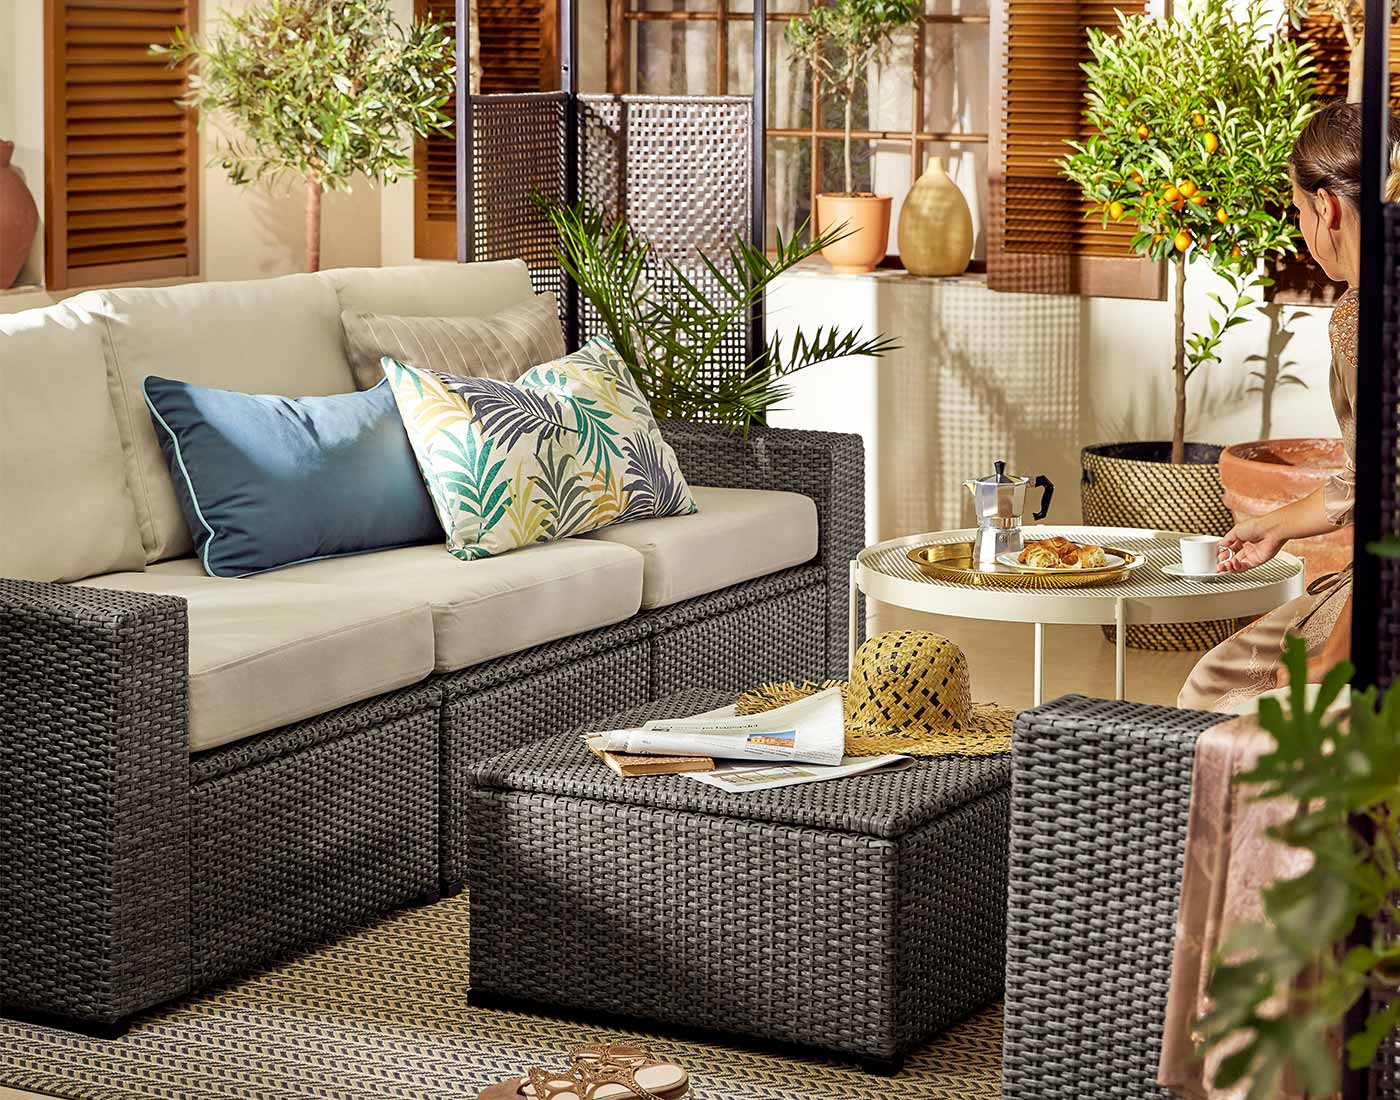 En havesofe med tilhørende lænestol og bord der står på en terrasse.